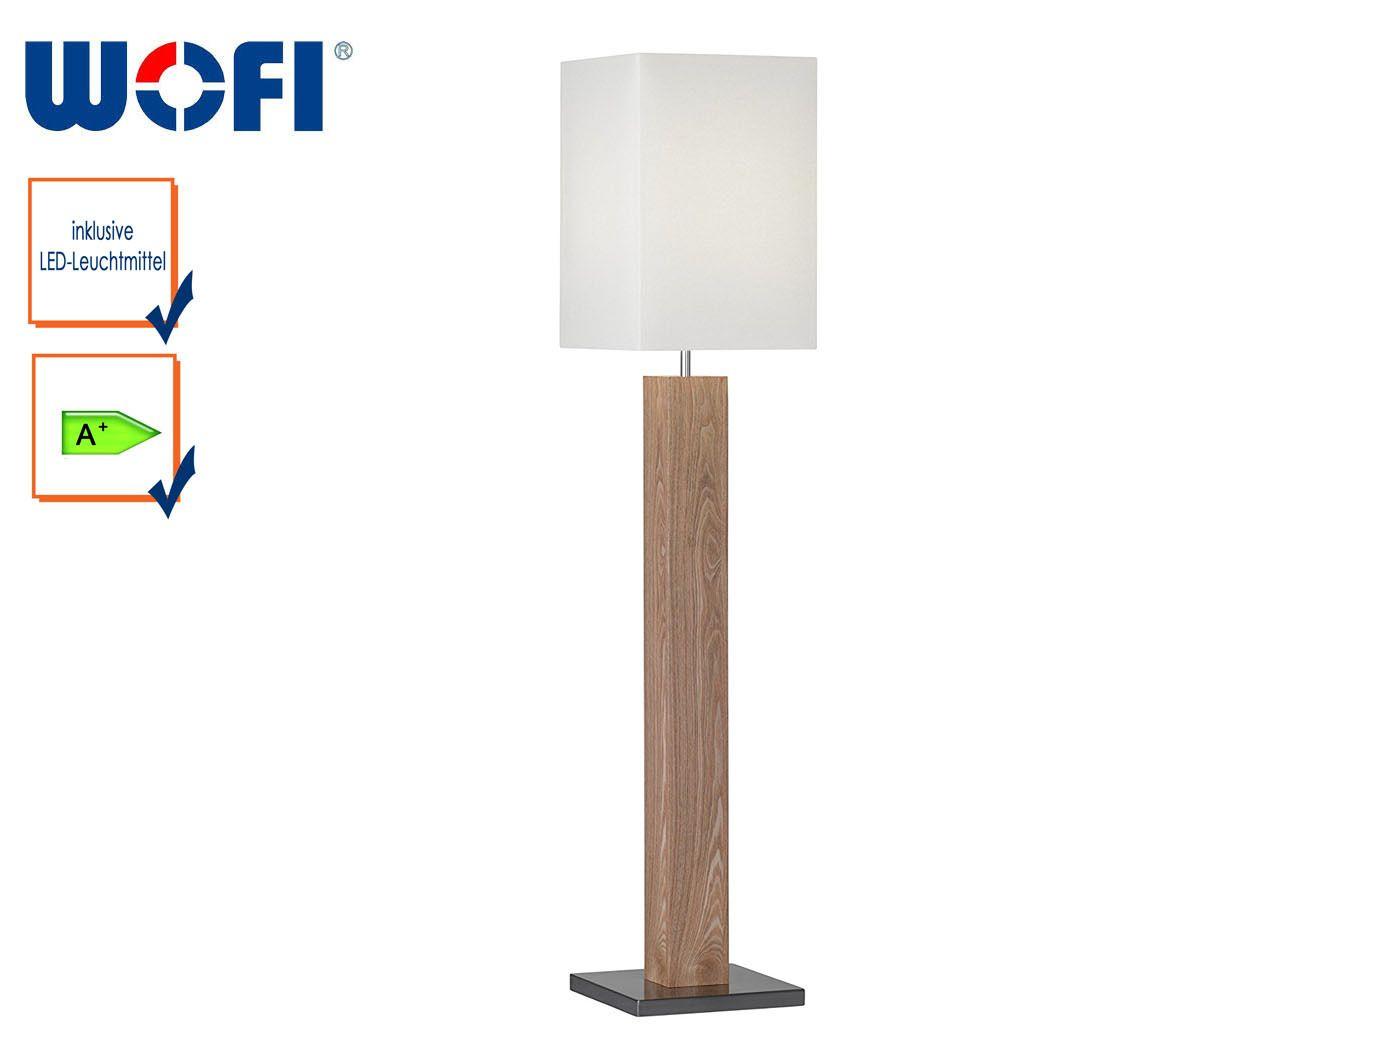 Full Size of Wohnzimmer Stehlampe Led Stehlampen Stehleuchte Dimmbar Stehleuchten Holz Wofi Design Stoffschirm Gardinen Für Decken Sofa Kunstleder Kamin Lampe Bad Wohnzimmer Wohnzimmer Stehlampe Led